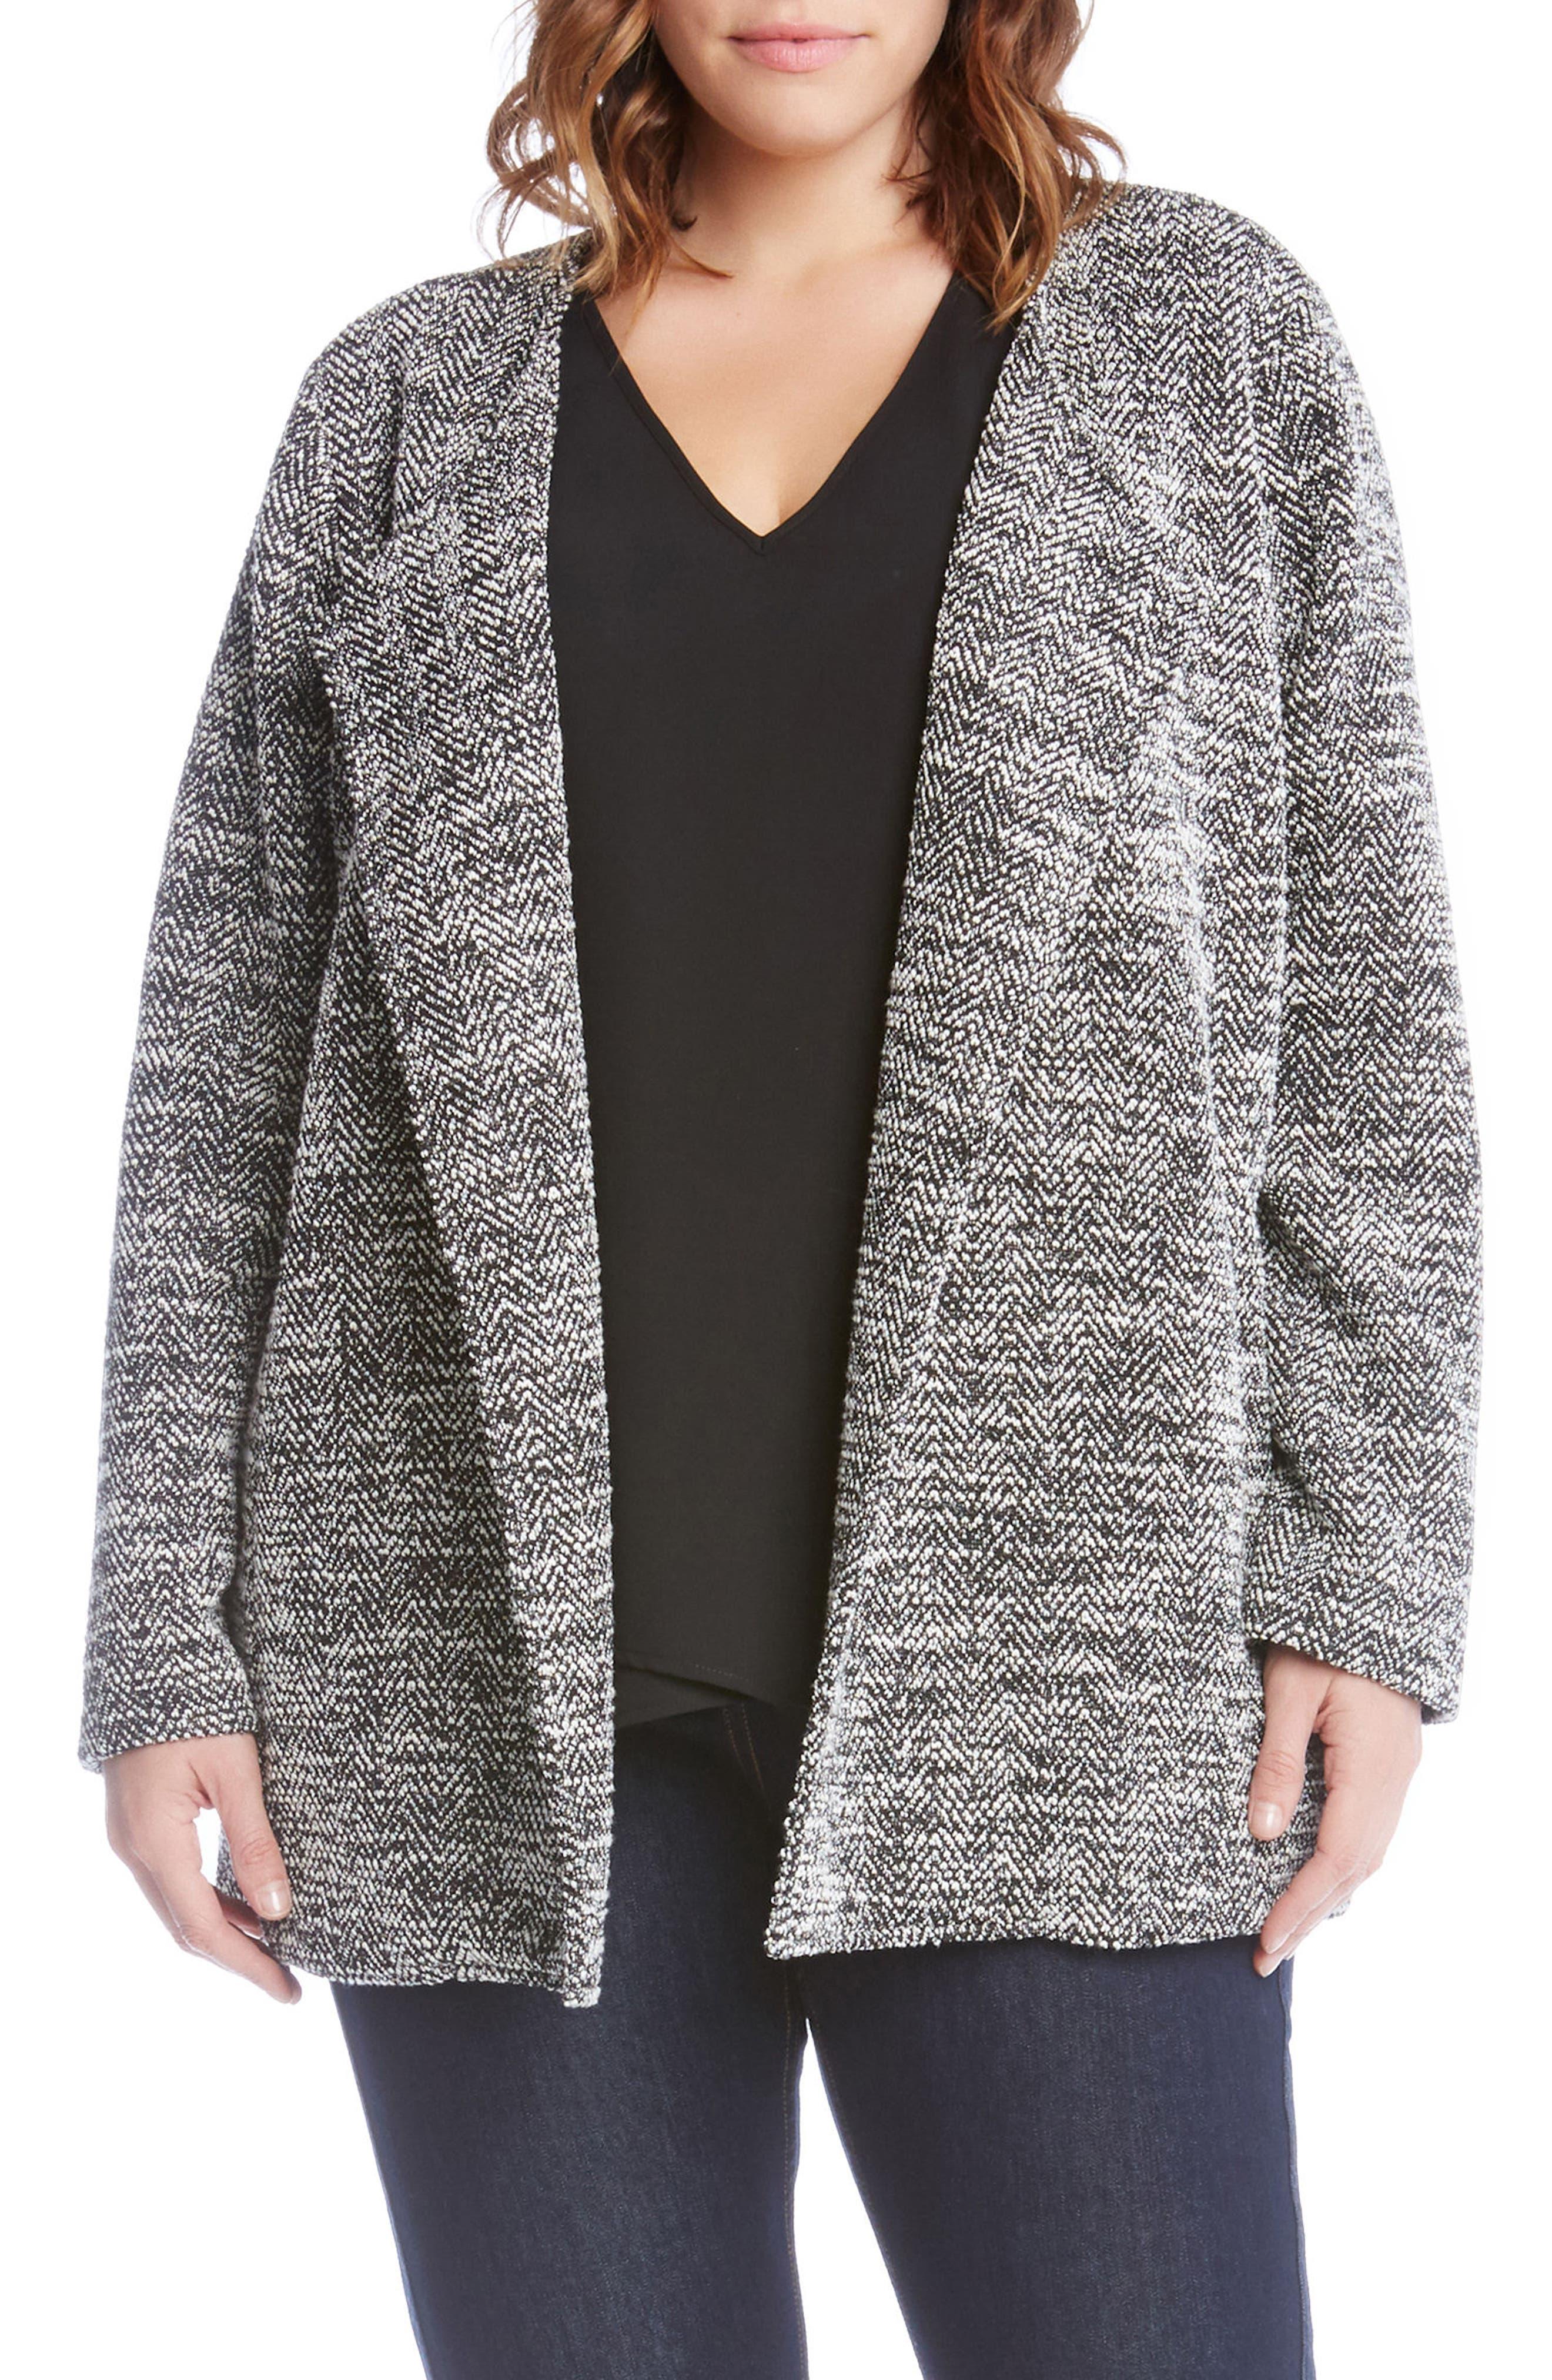 Main Image - Karen Kane Lightweight Tweed Knit Jacket (Plus Size)